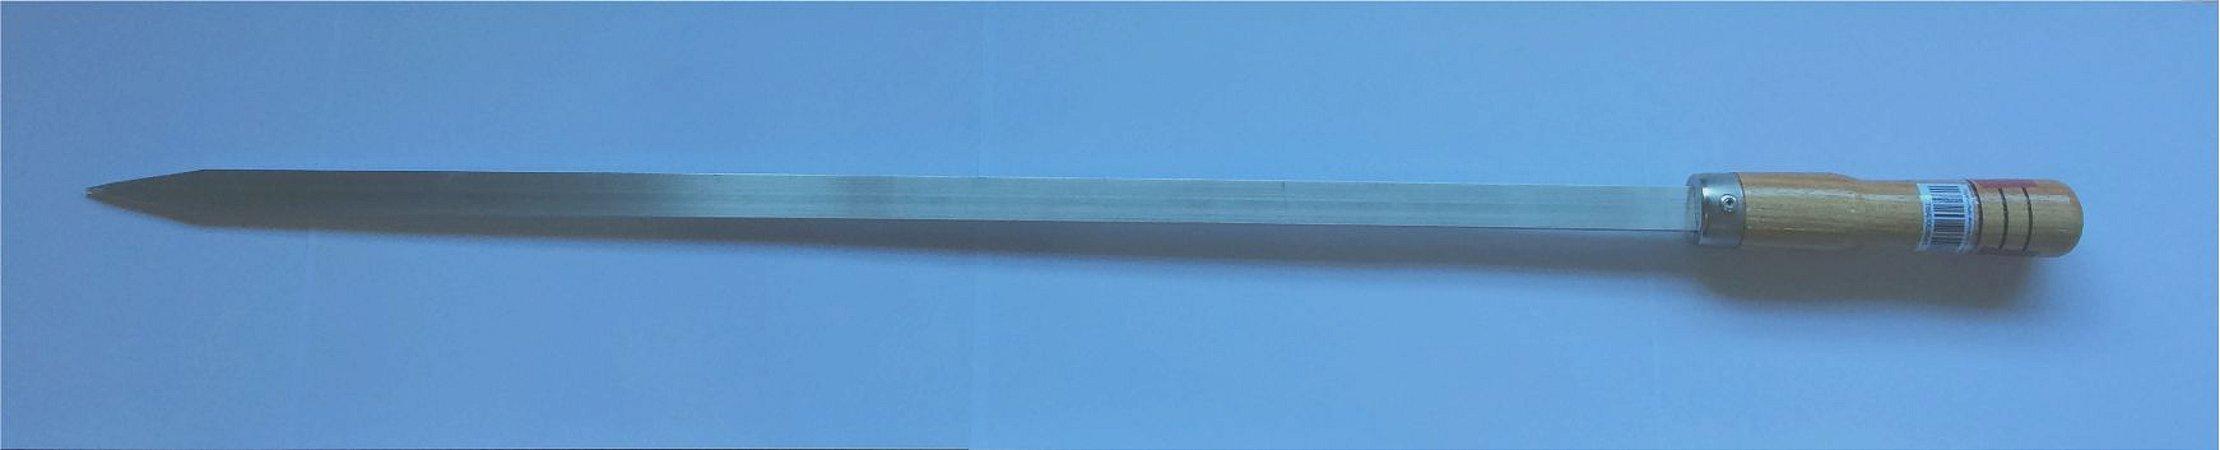 Espeto chato Alumínio 65 cm